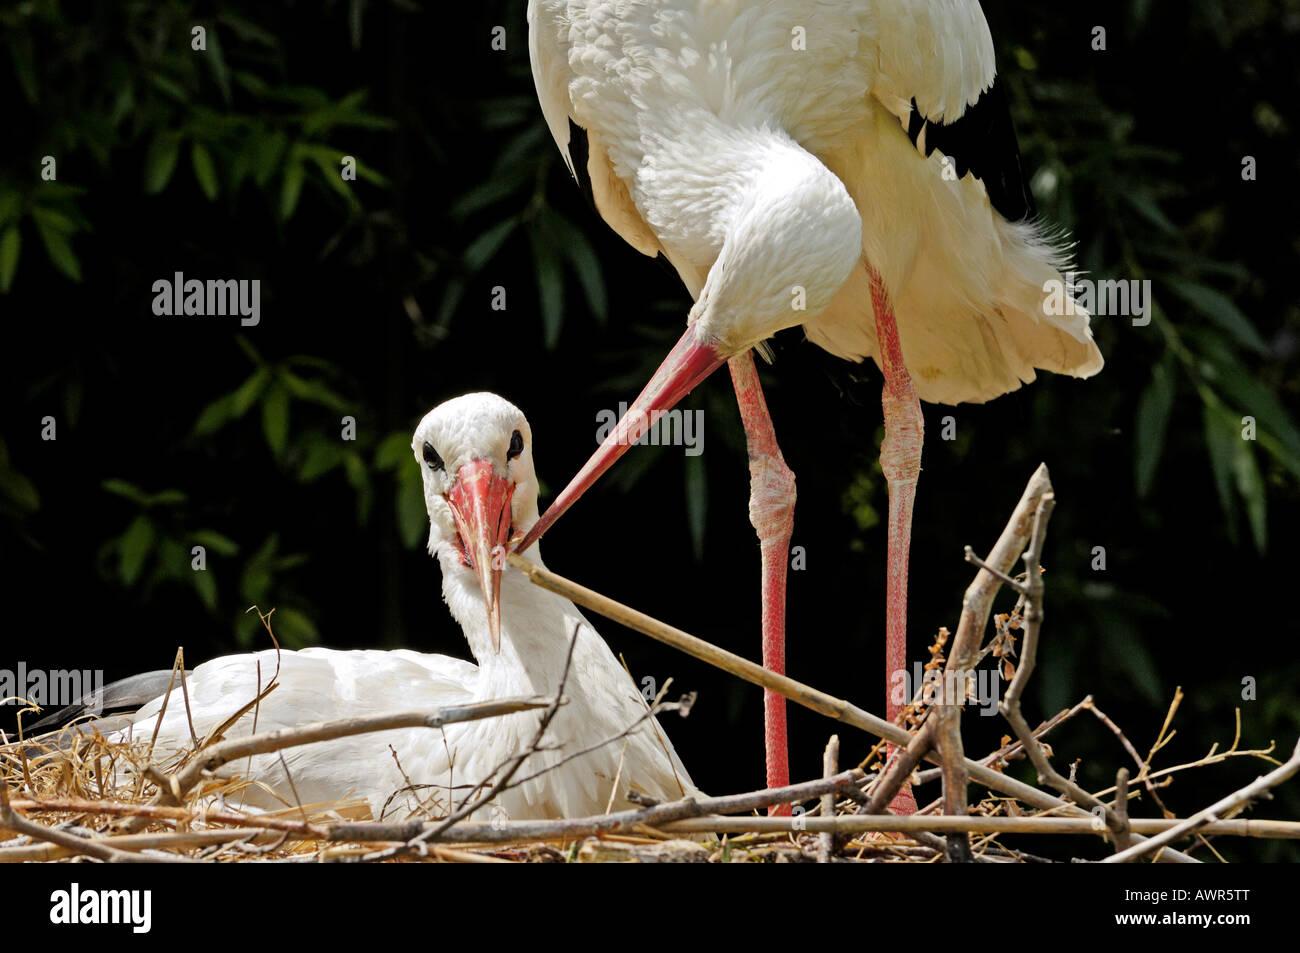 Affectionate white stork pair (Ciconia ciconia), Zurich Zoo, Zurich, Switzerland, Europe Stock Photo